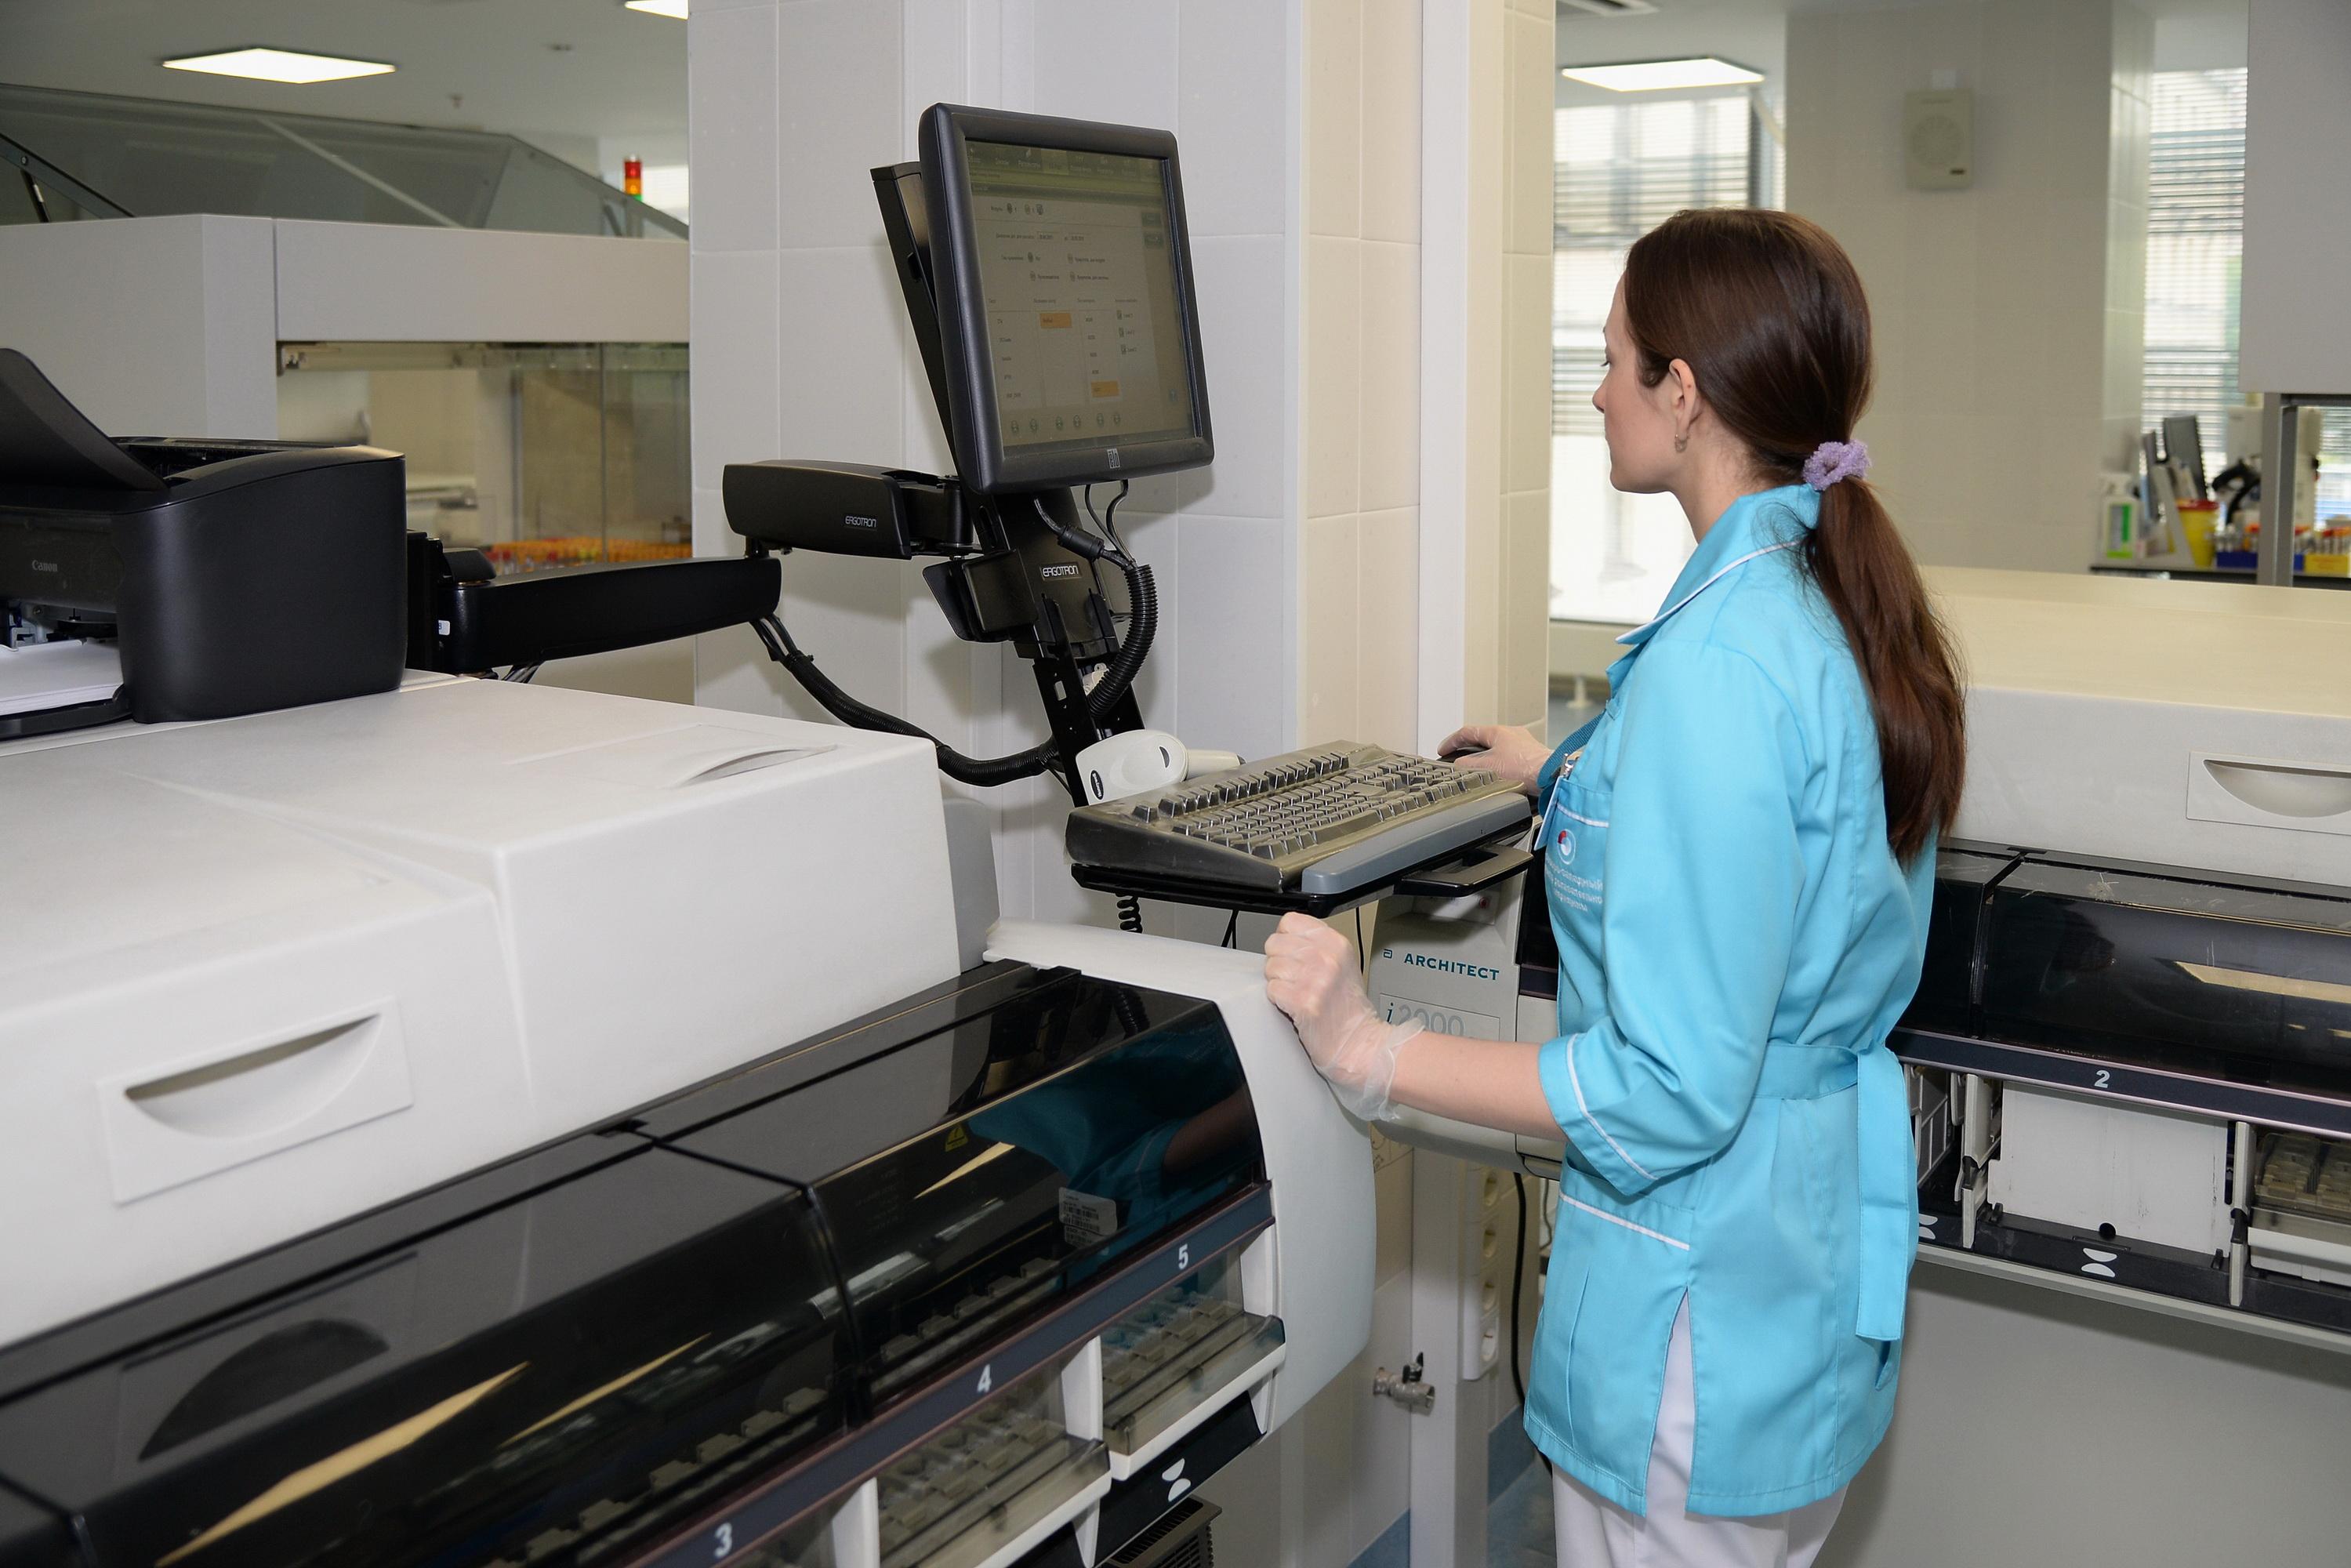 Иммунохемилюминесцентный анализатор 3-го поколения Abbott Architect (США), выполняющий анализ на гормоны щитовидной железы